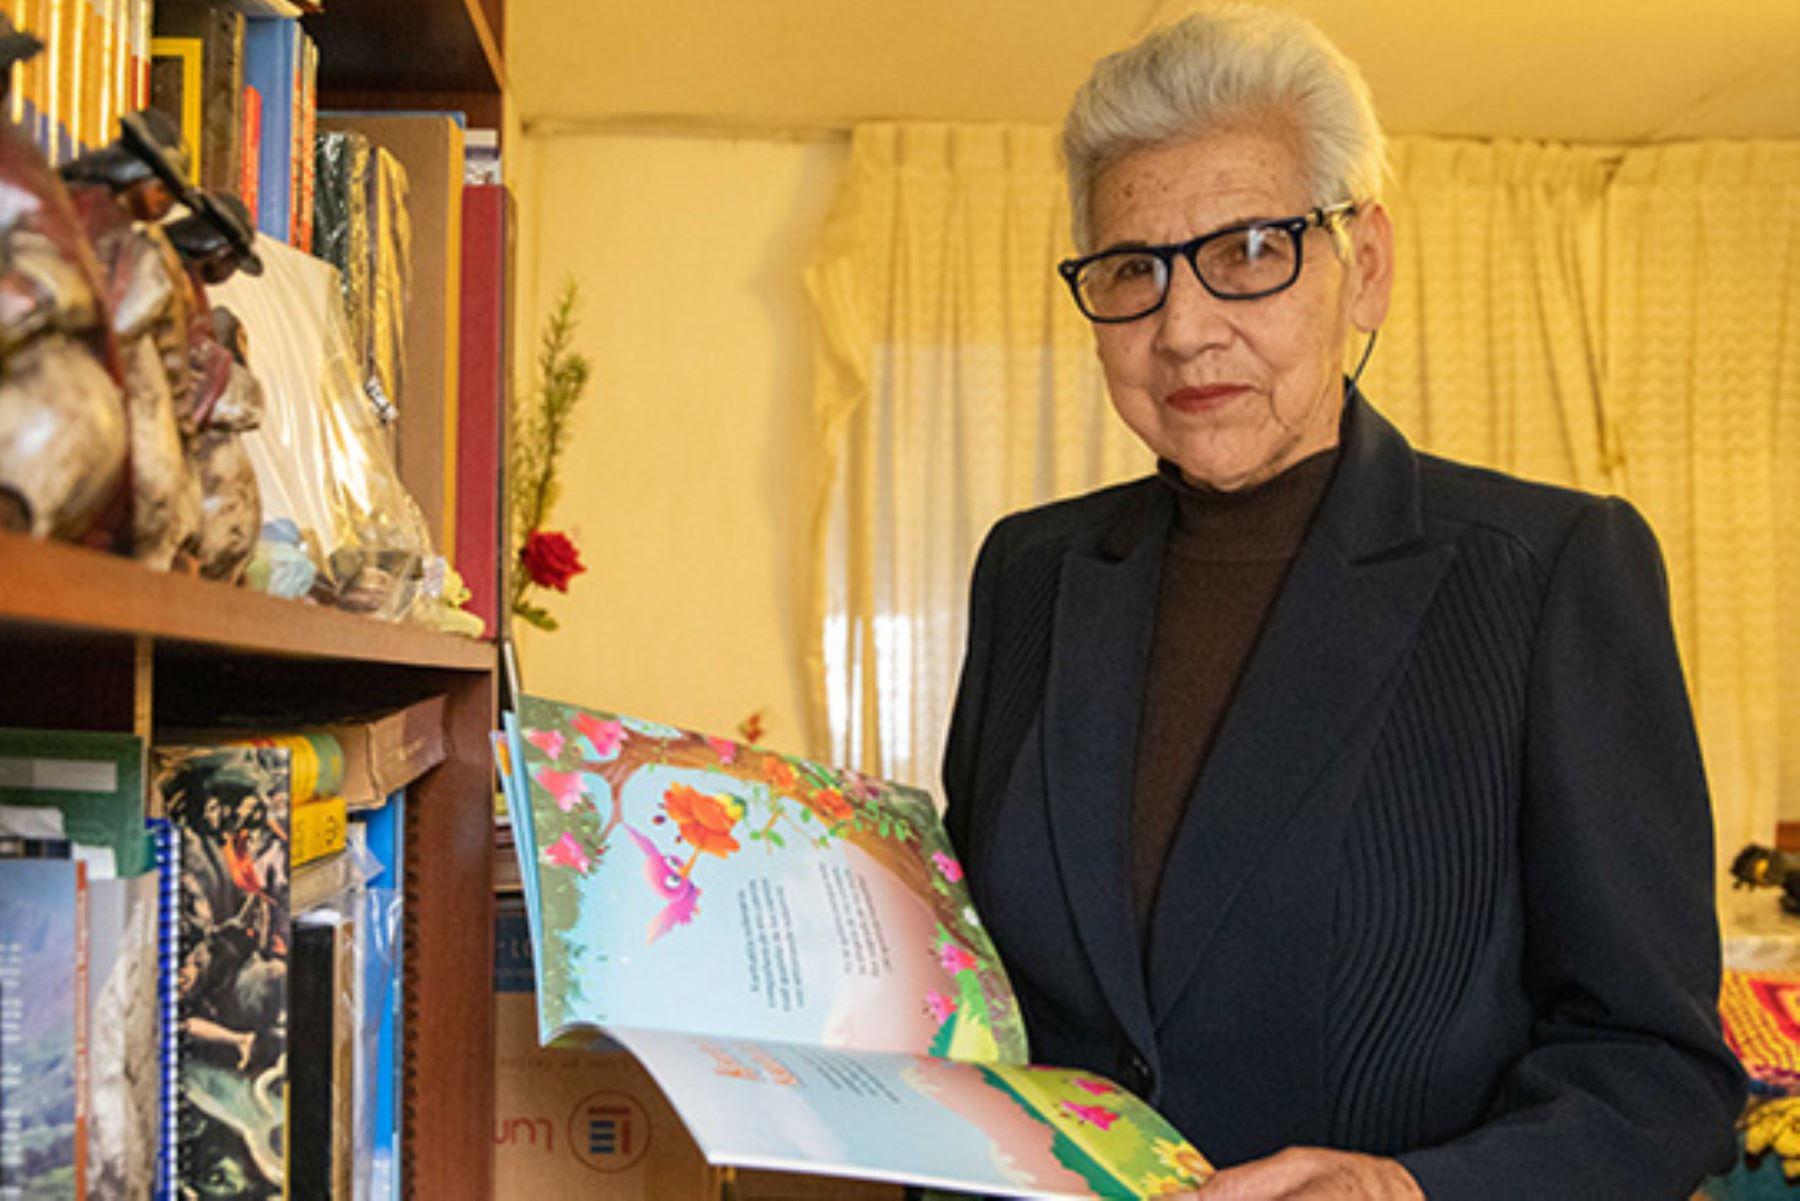 La maestra ancashina Violeta Ardiles llegó en 1969 a la Escuela Primaria Mixta Nº 13032 Rampac Grande, ubicada en la provincia de Carhuaz, para transformarla en beneficio de cientos de escolares.